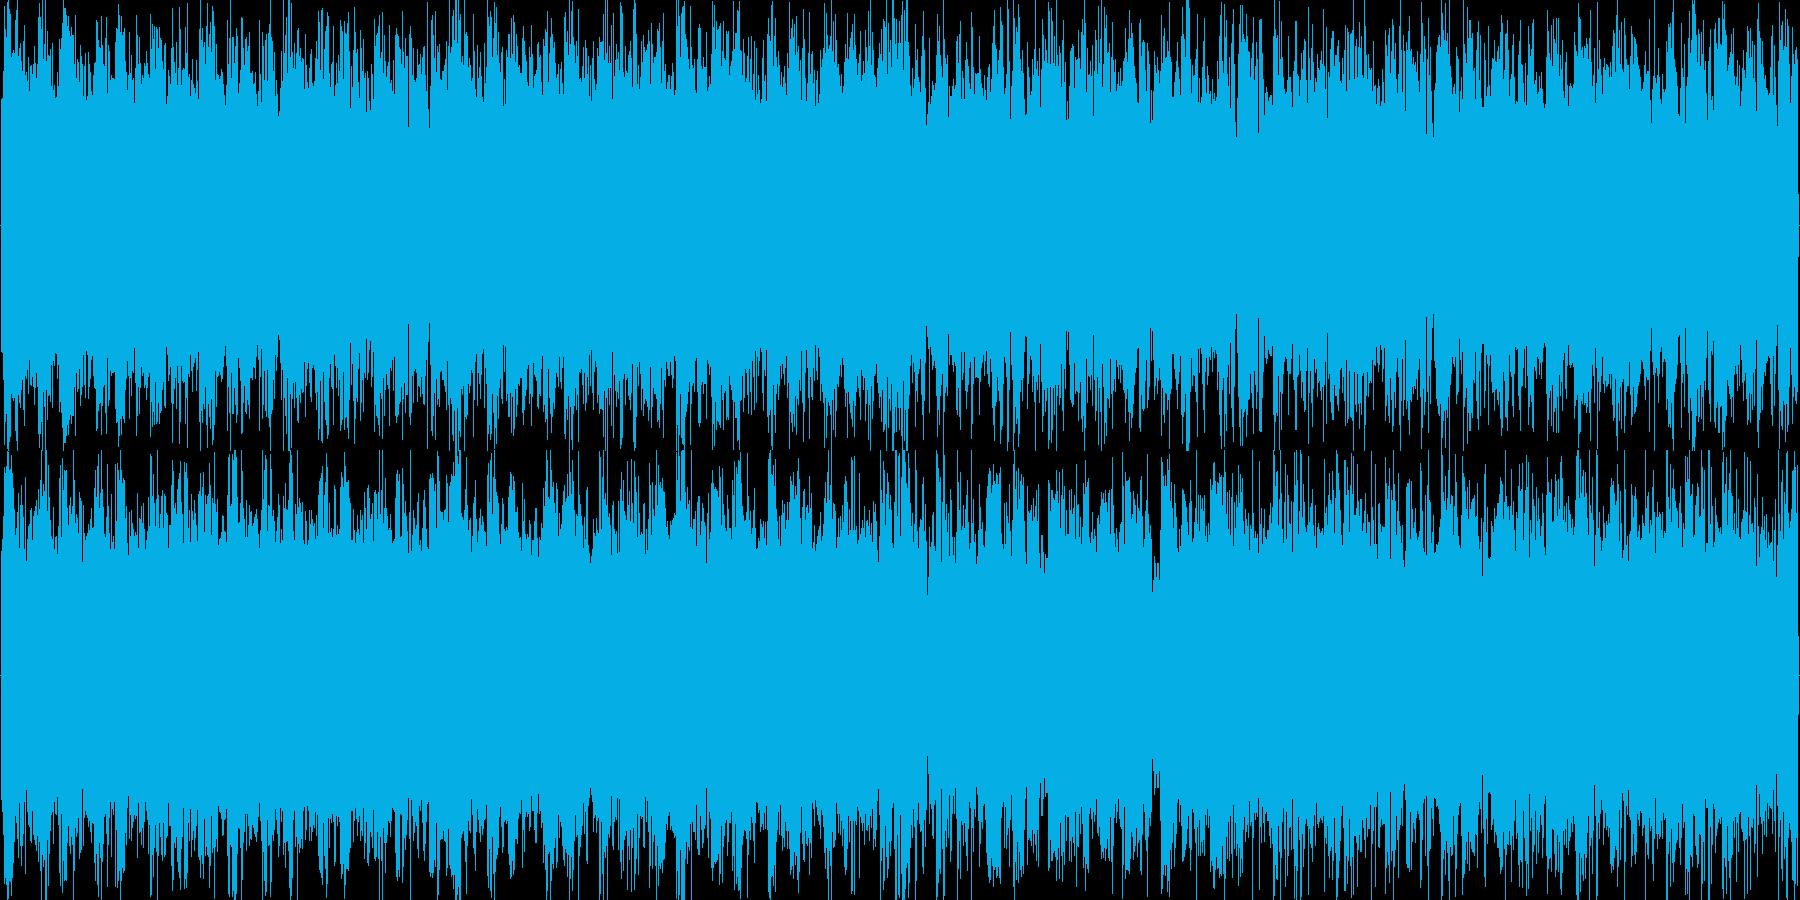 戦闘系 ギター+ドラムンベースな曲の再生済みの波形